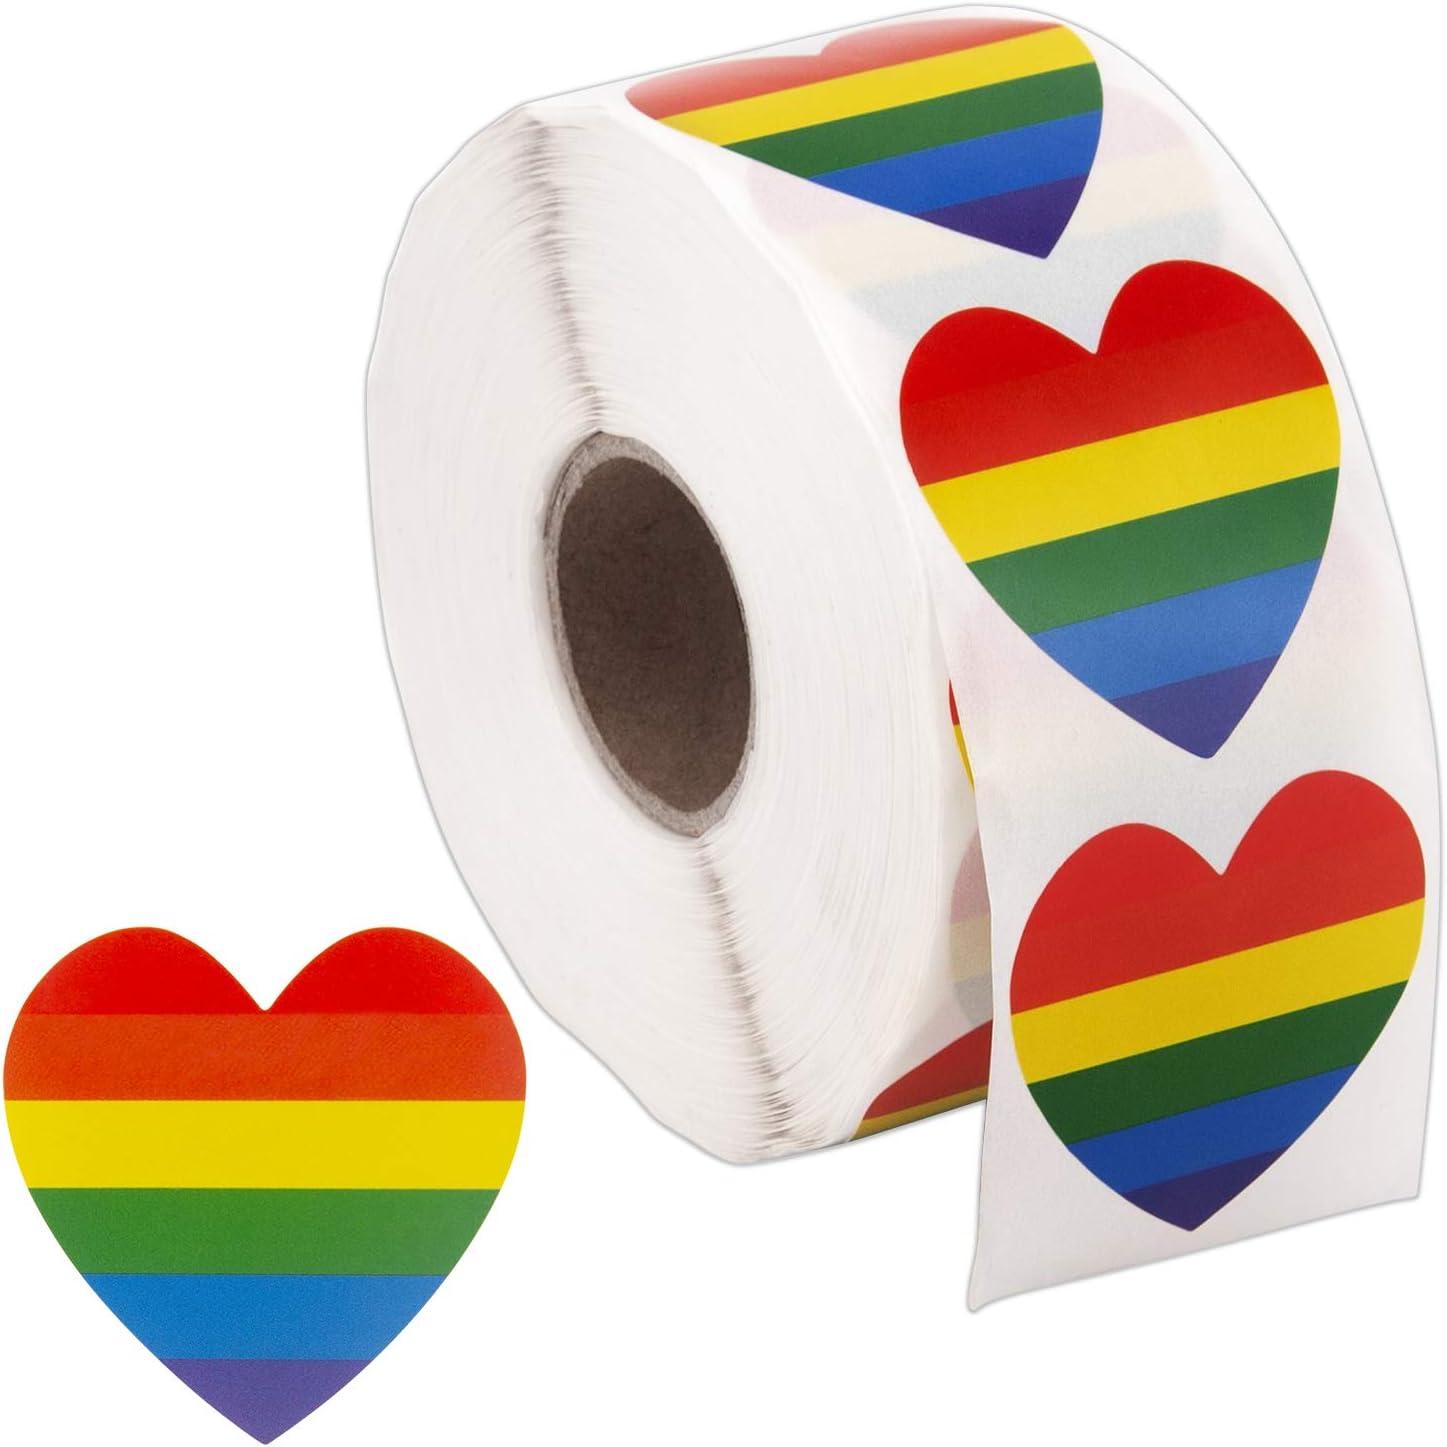 SAVITA 1000 Piezas Pegatinas de Orgullo Gay Amor en forma de corazón Pegatinas de arco iris Pegatinas de rayas en rollo